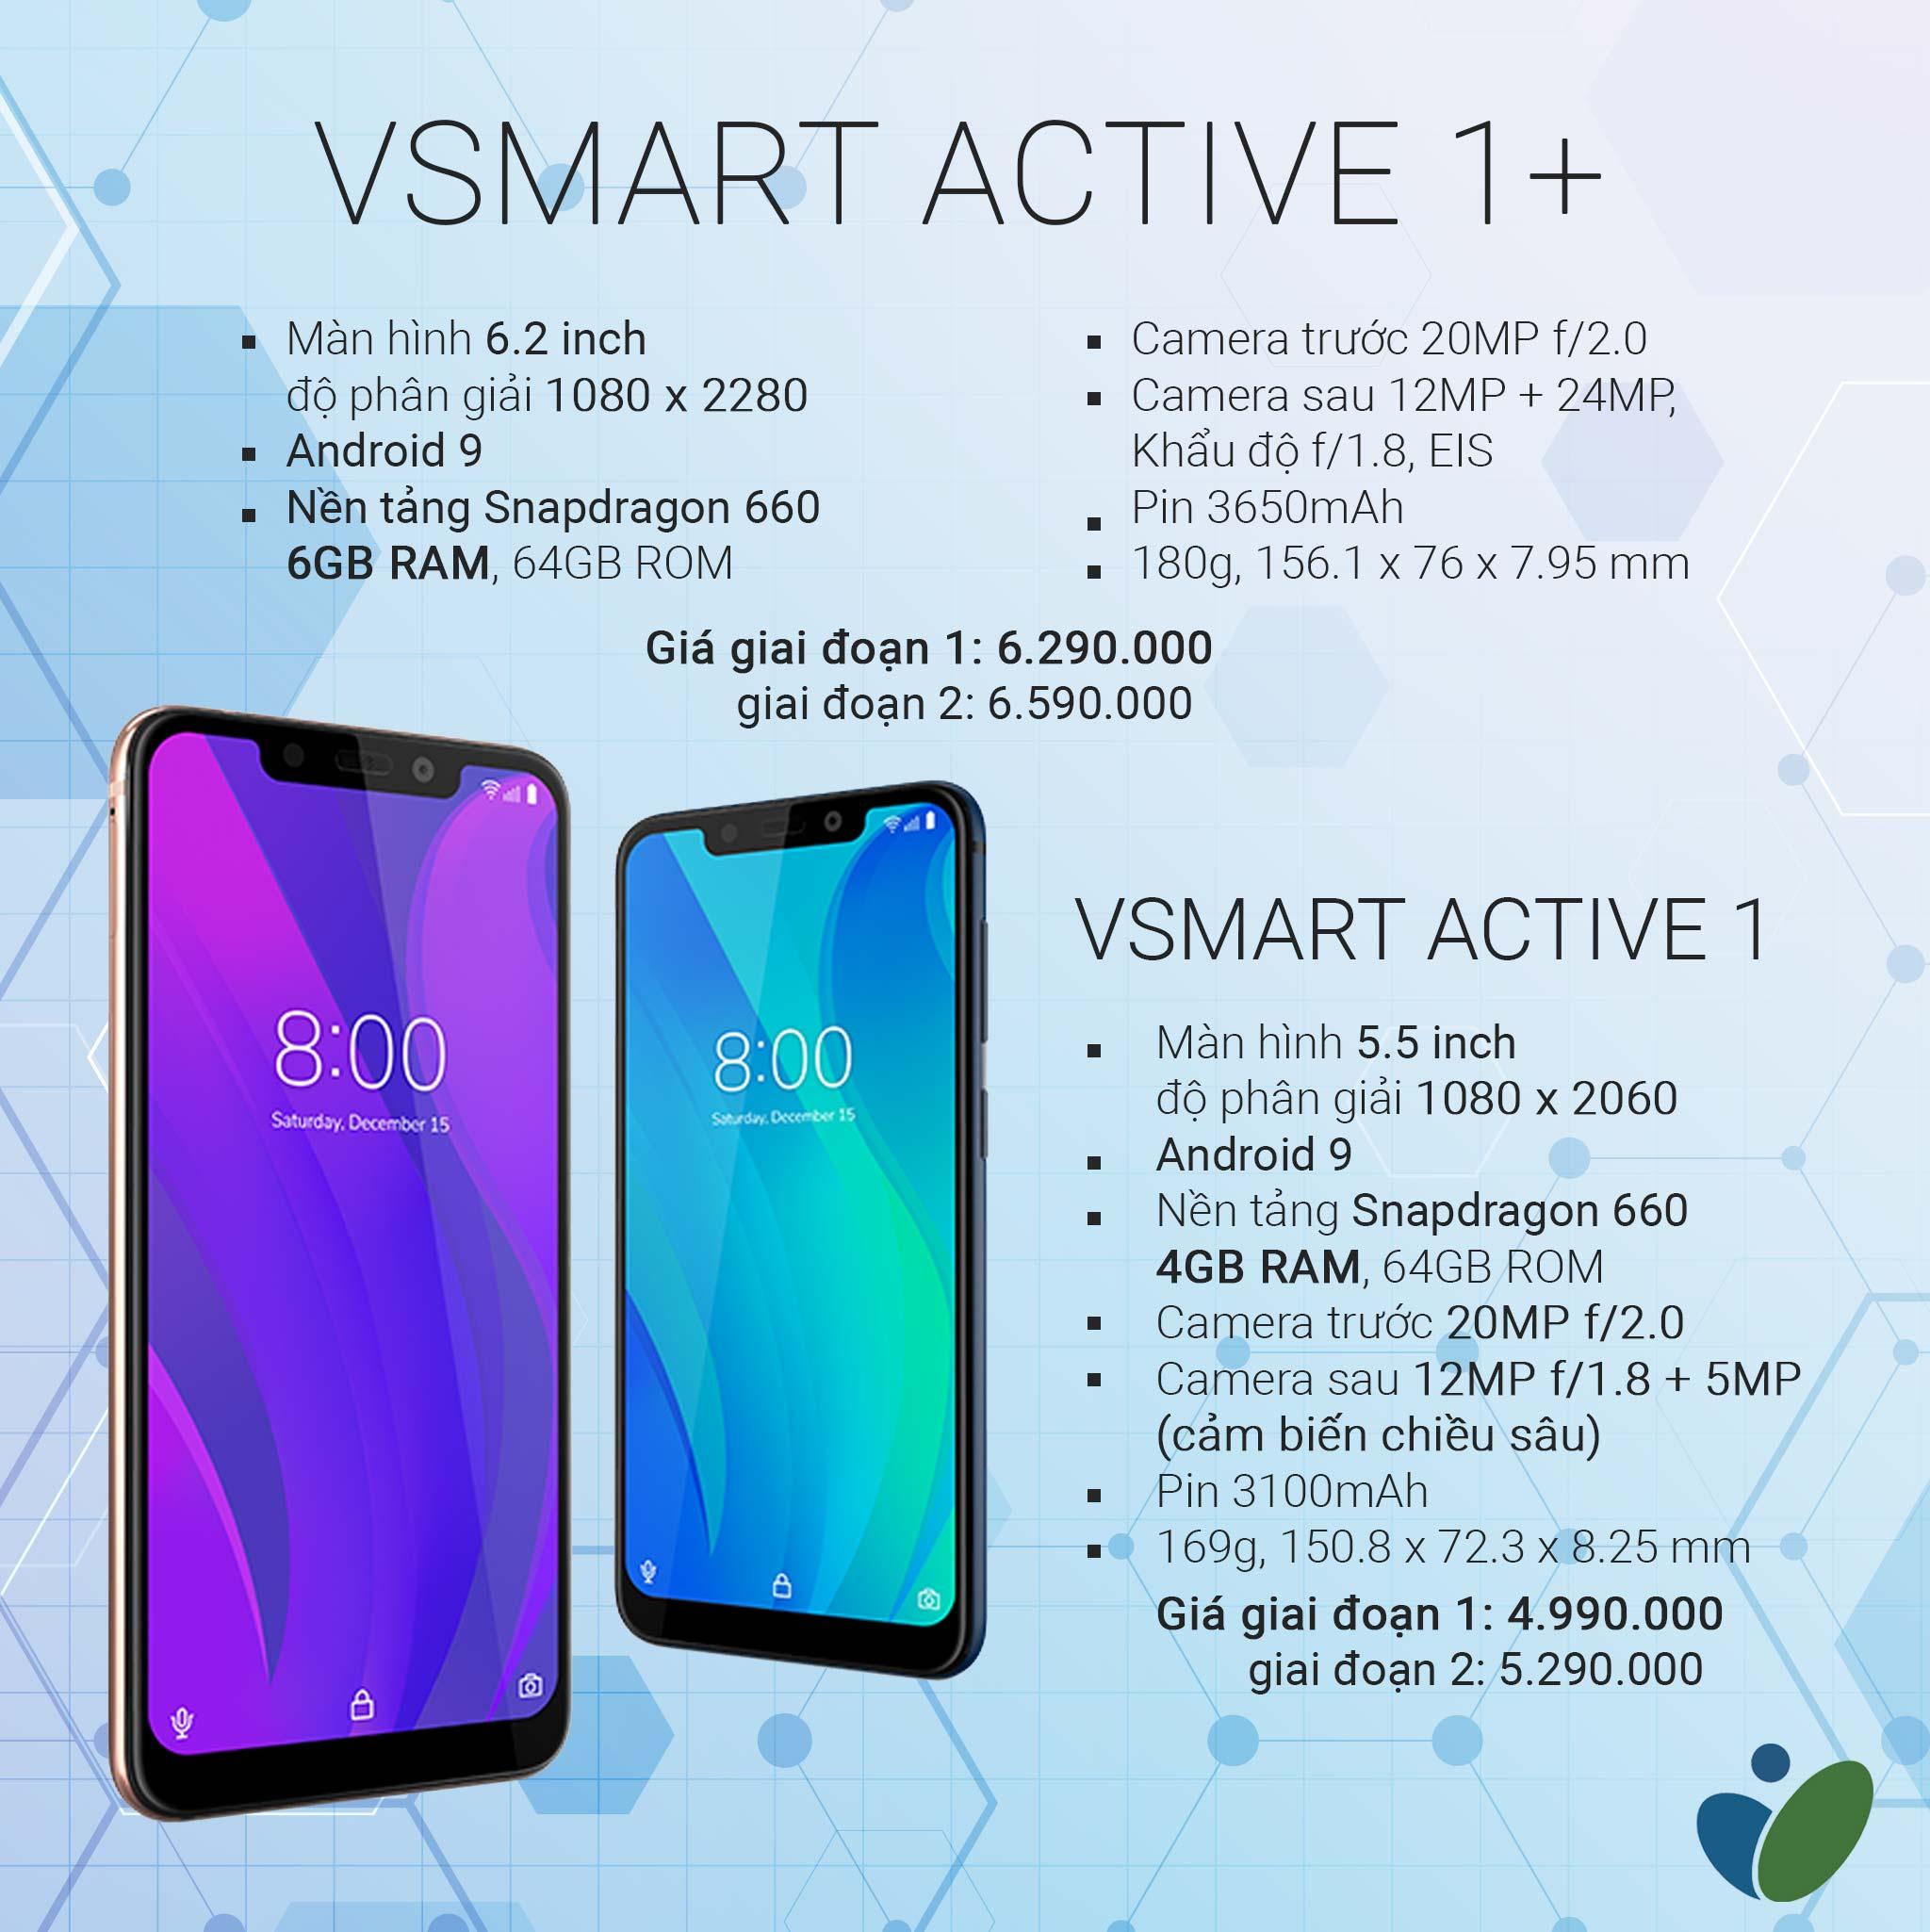 Vsmart Active 1+ thiết kế nổi bật, ấn tượng